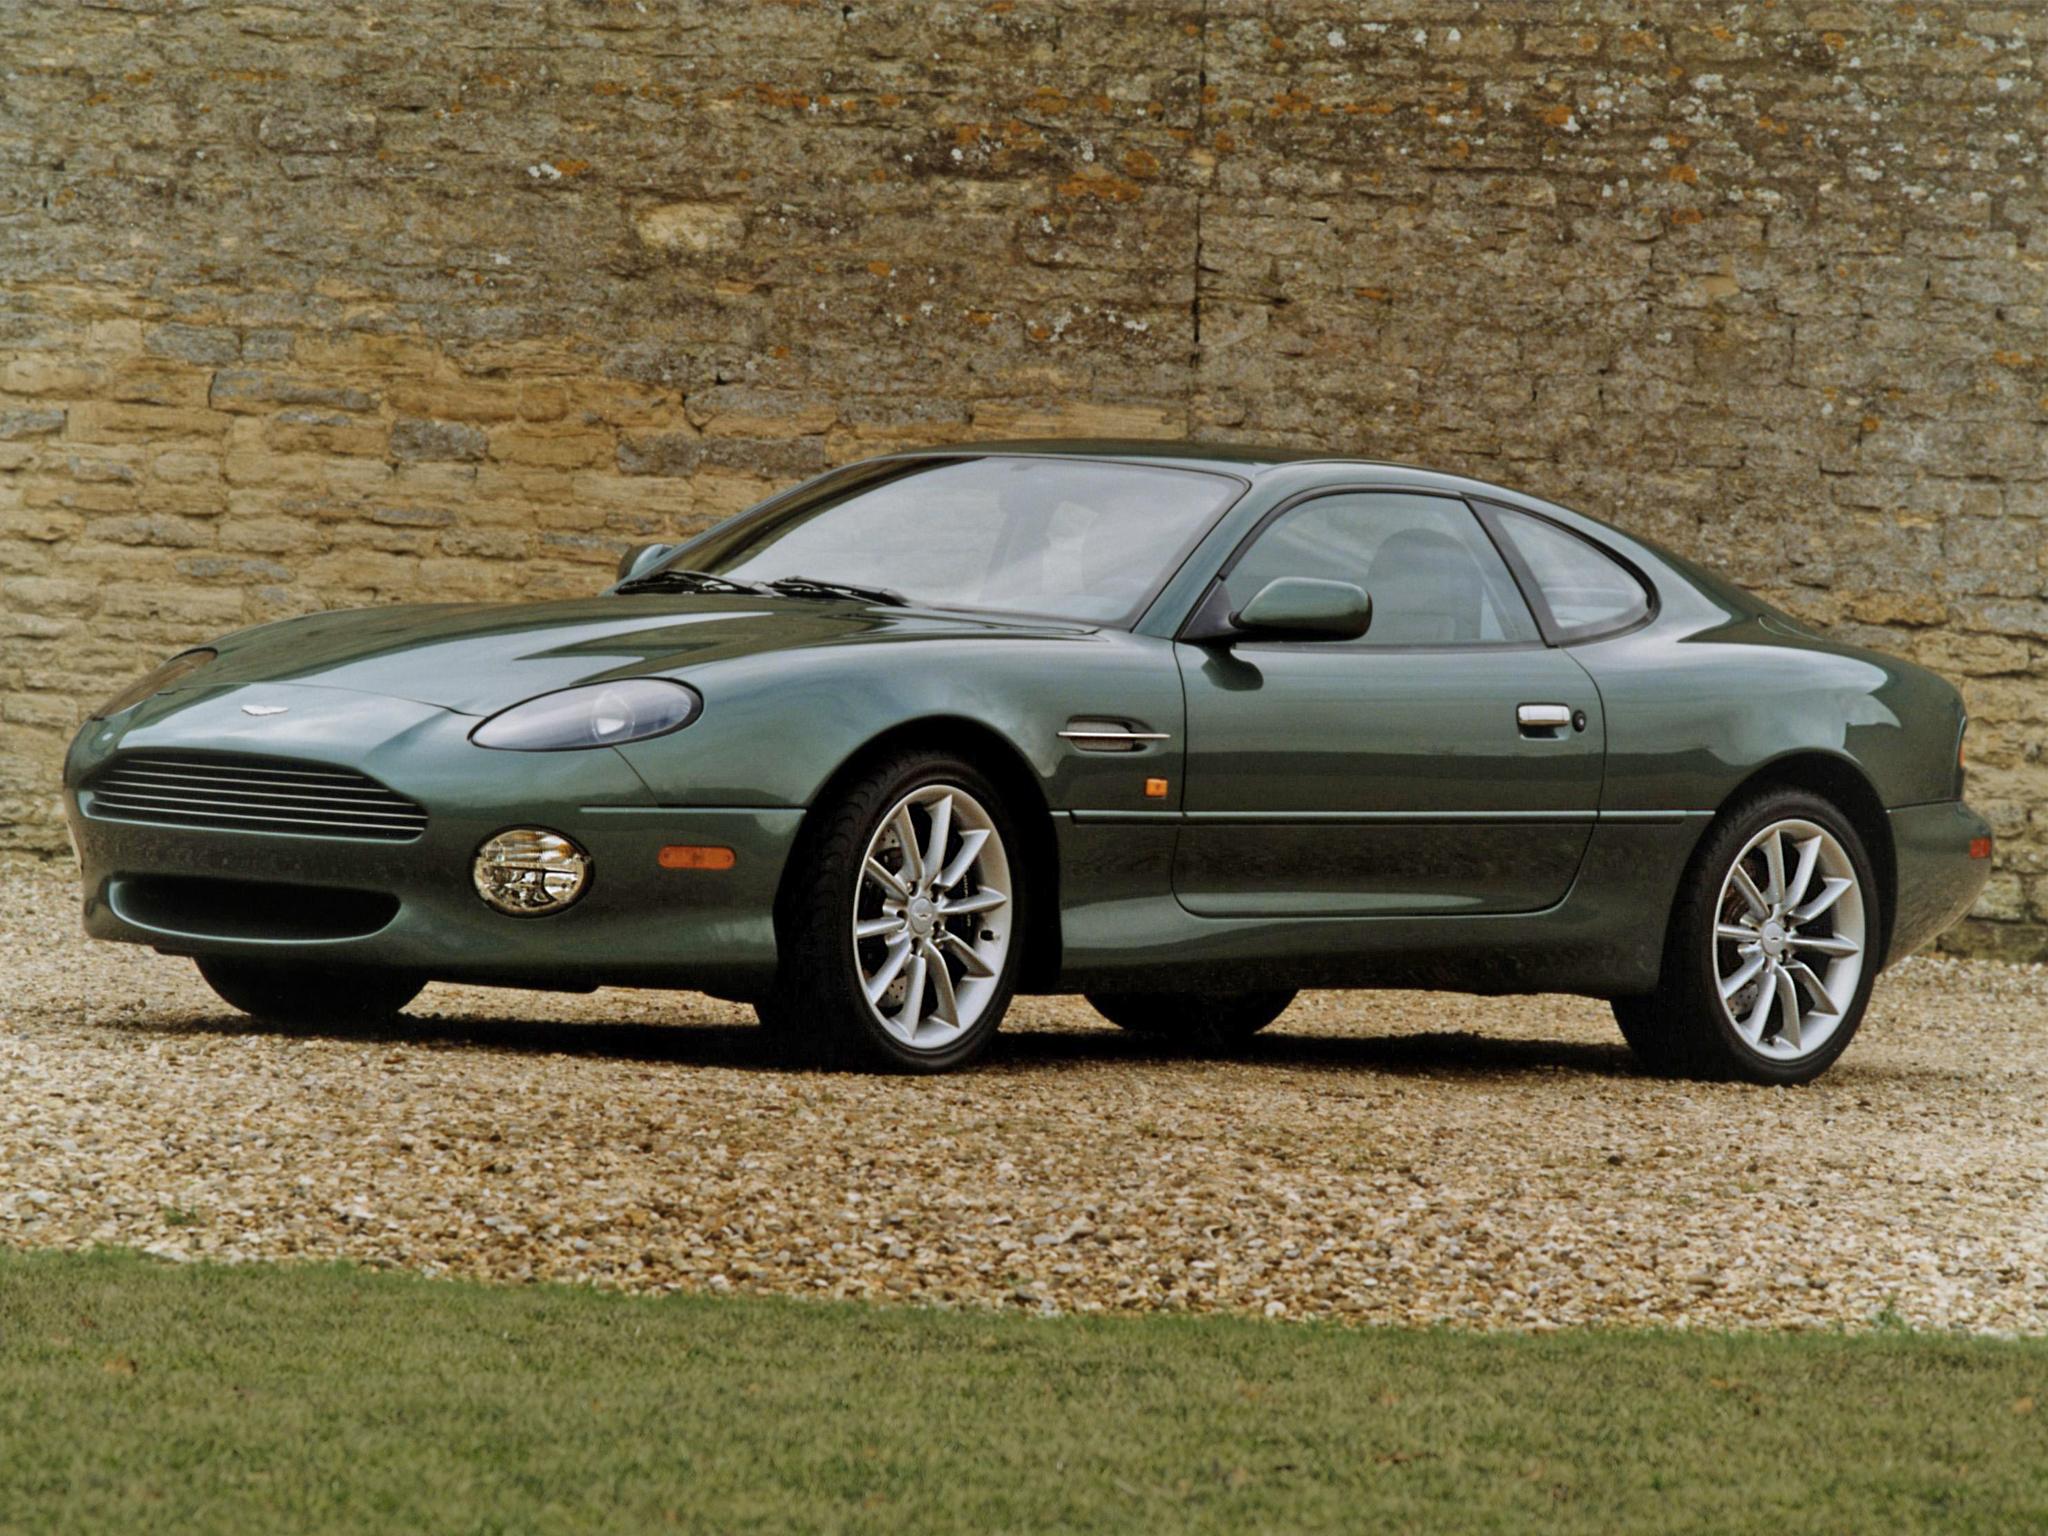 De prachtige vormen van de Aston Martin DB7 Vantage